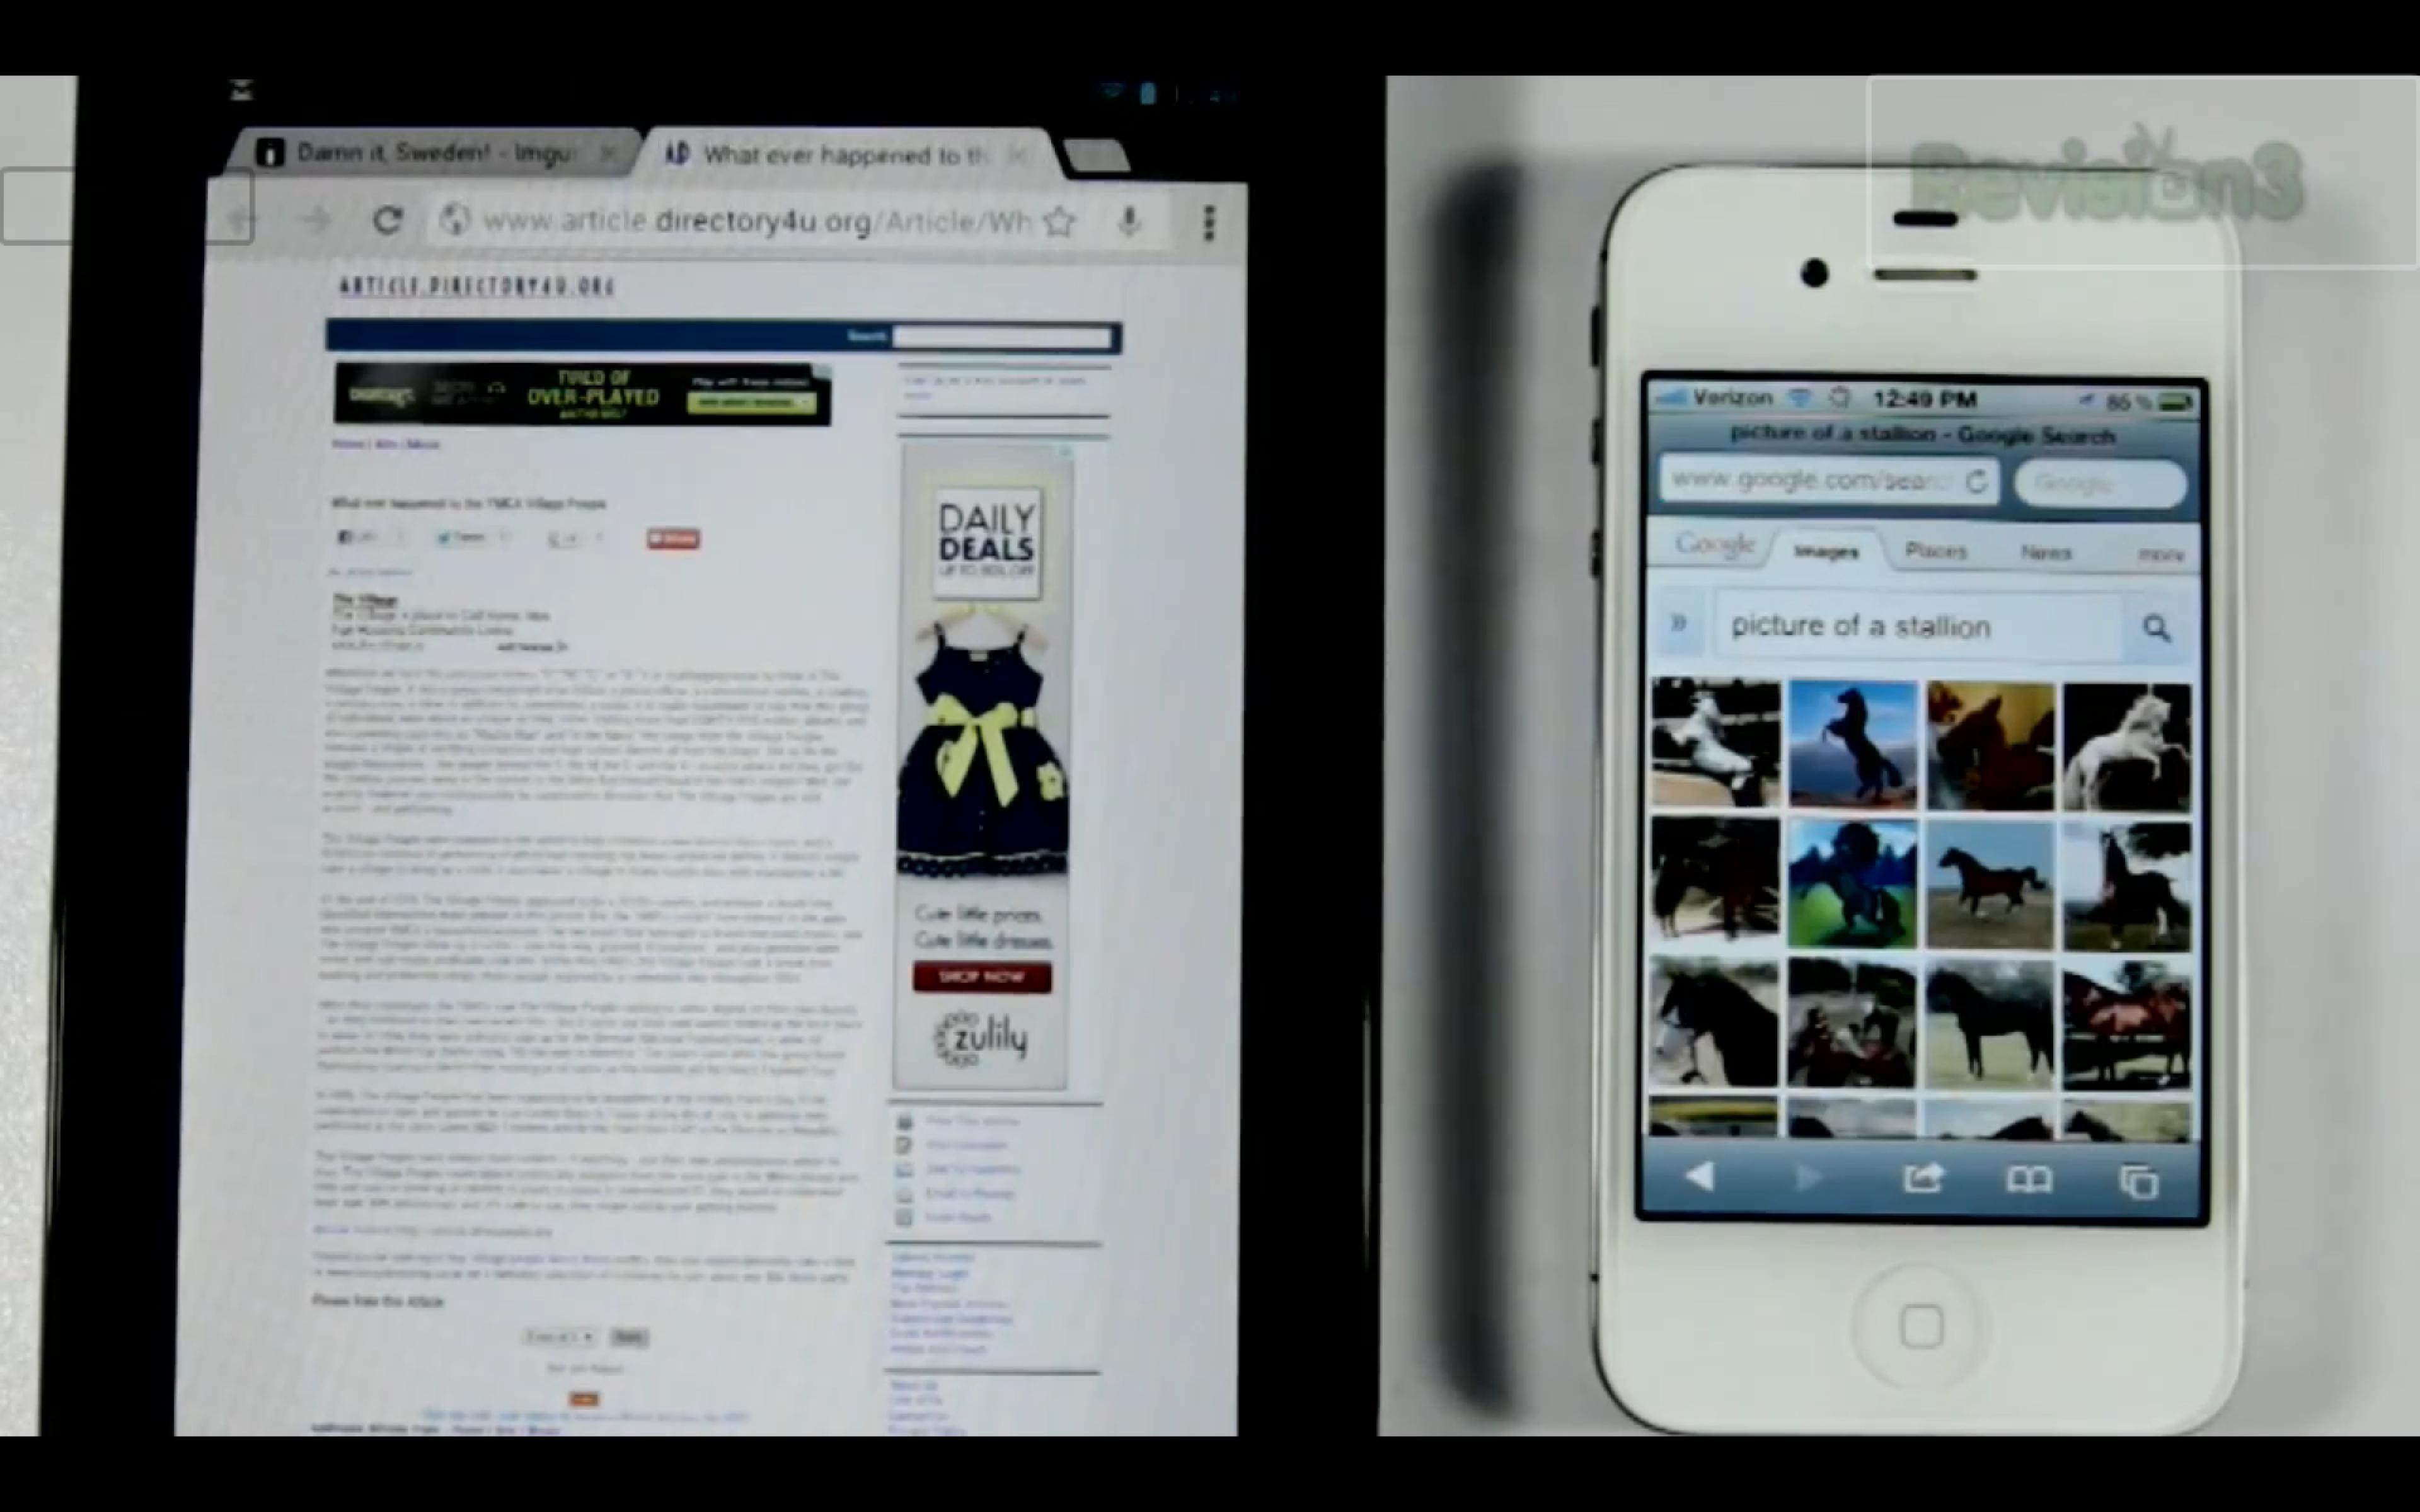 News Apps | Ehi Siri, fammi vedere uno stallone! [Siri VS Jelly Bean Voice Search]